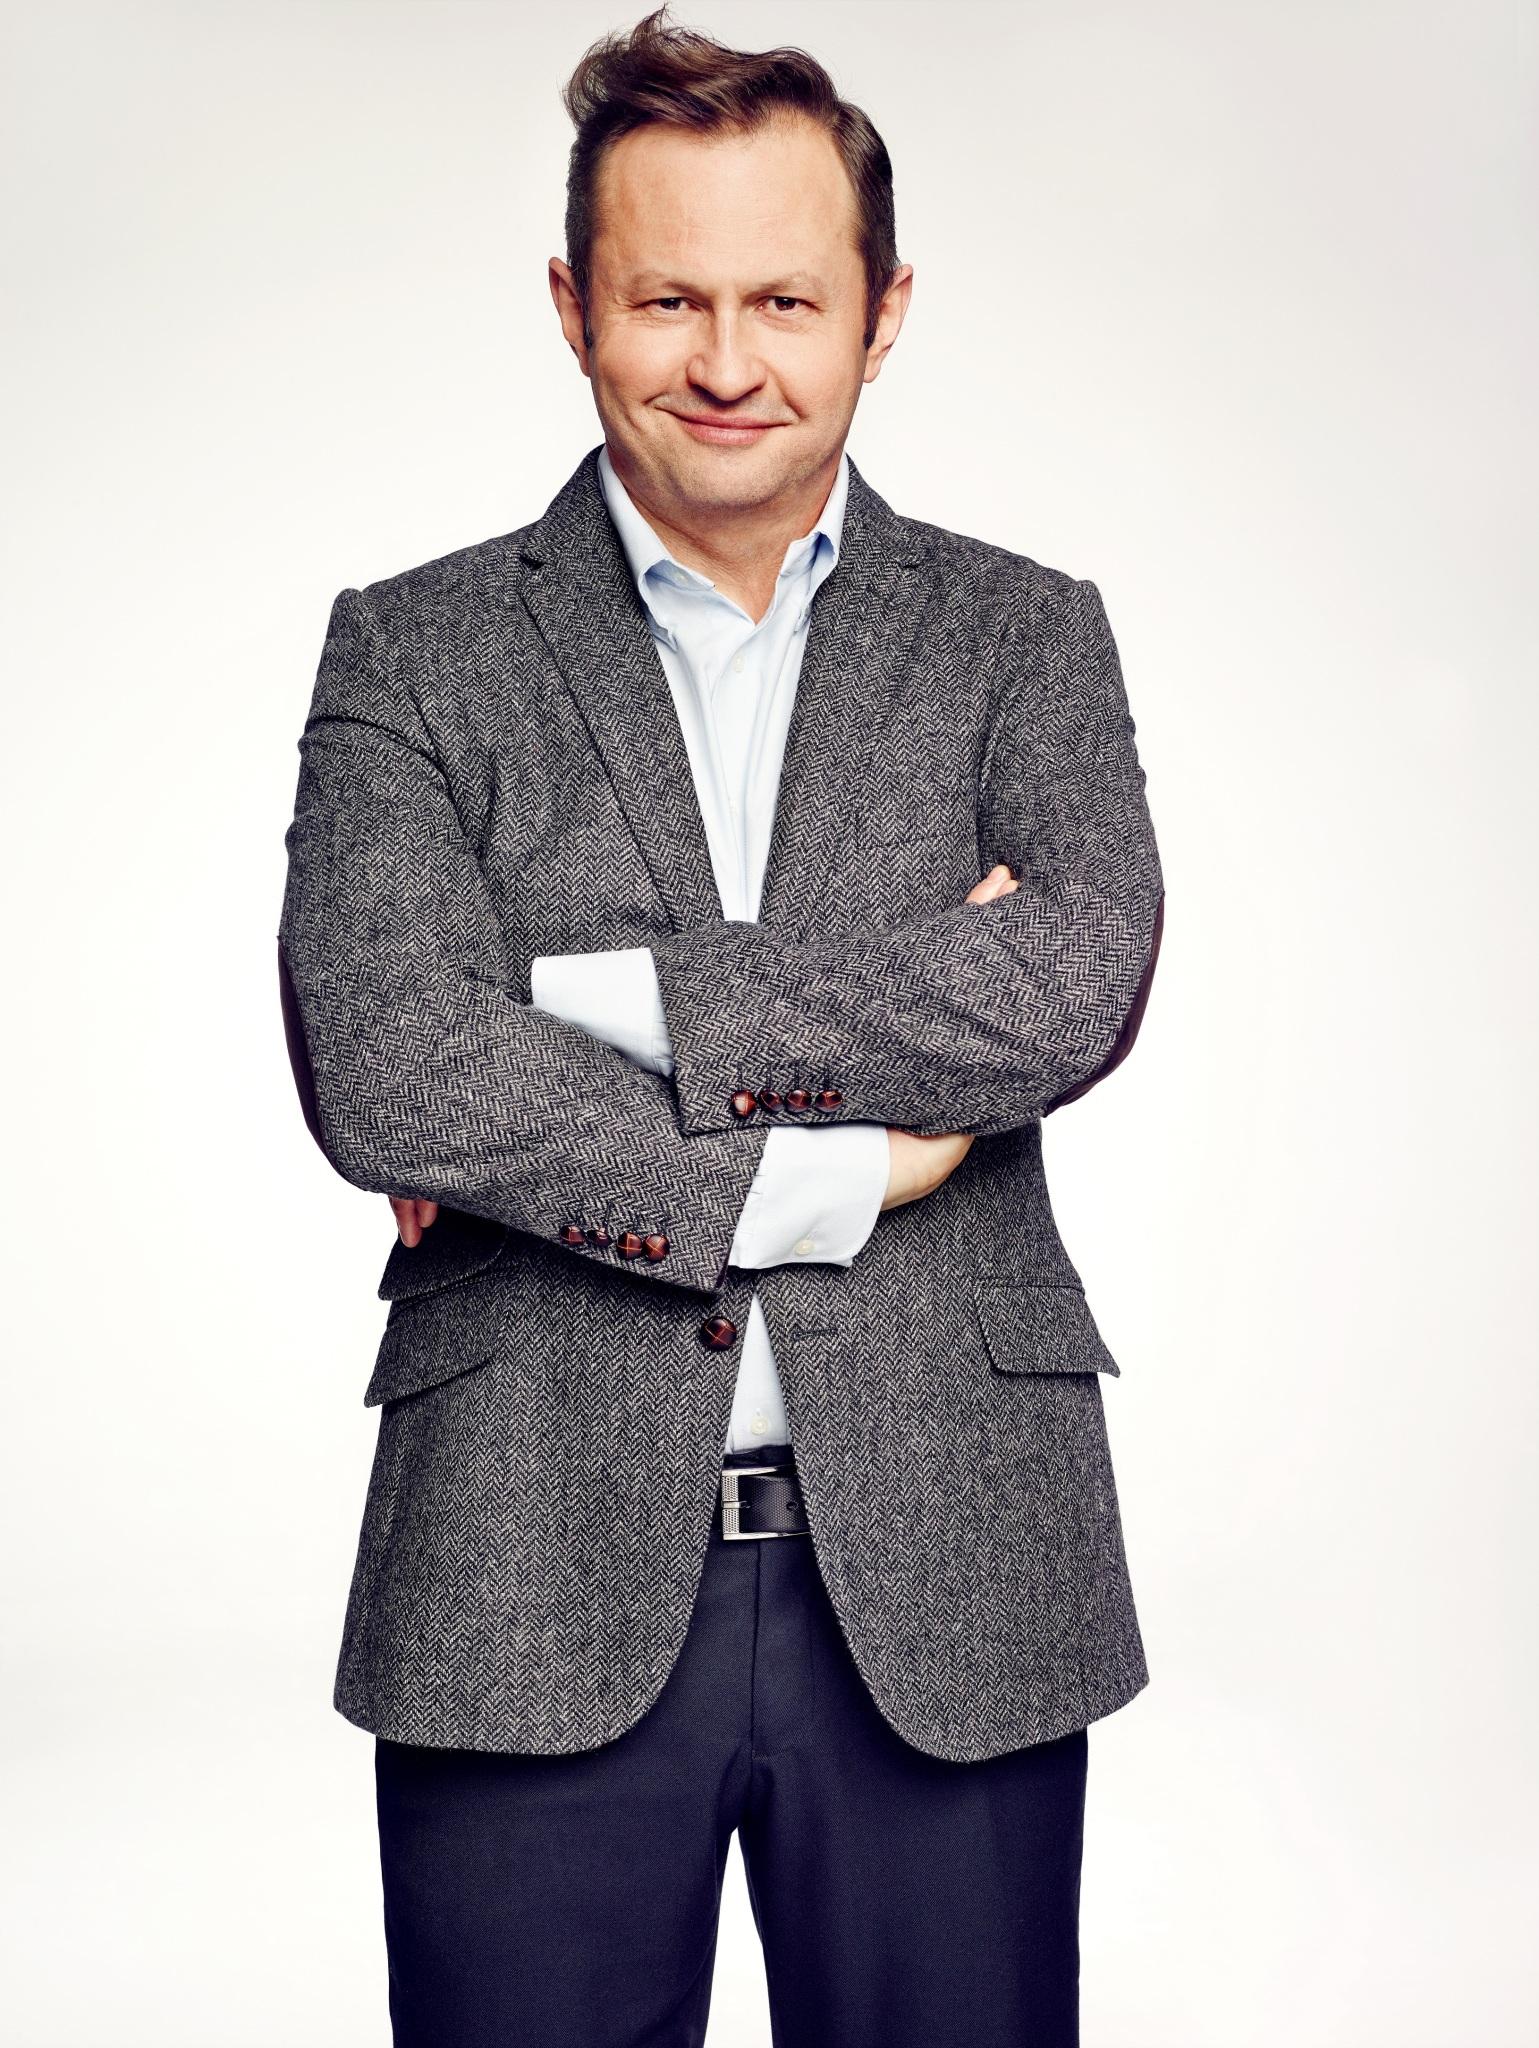 Andrzej Konopka (Krzysztof)